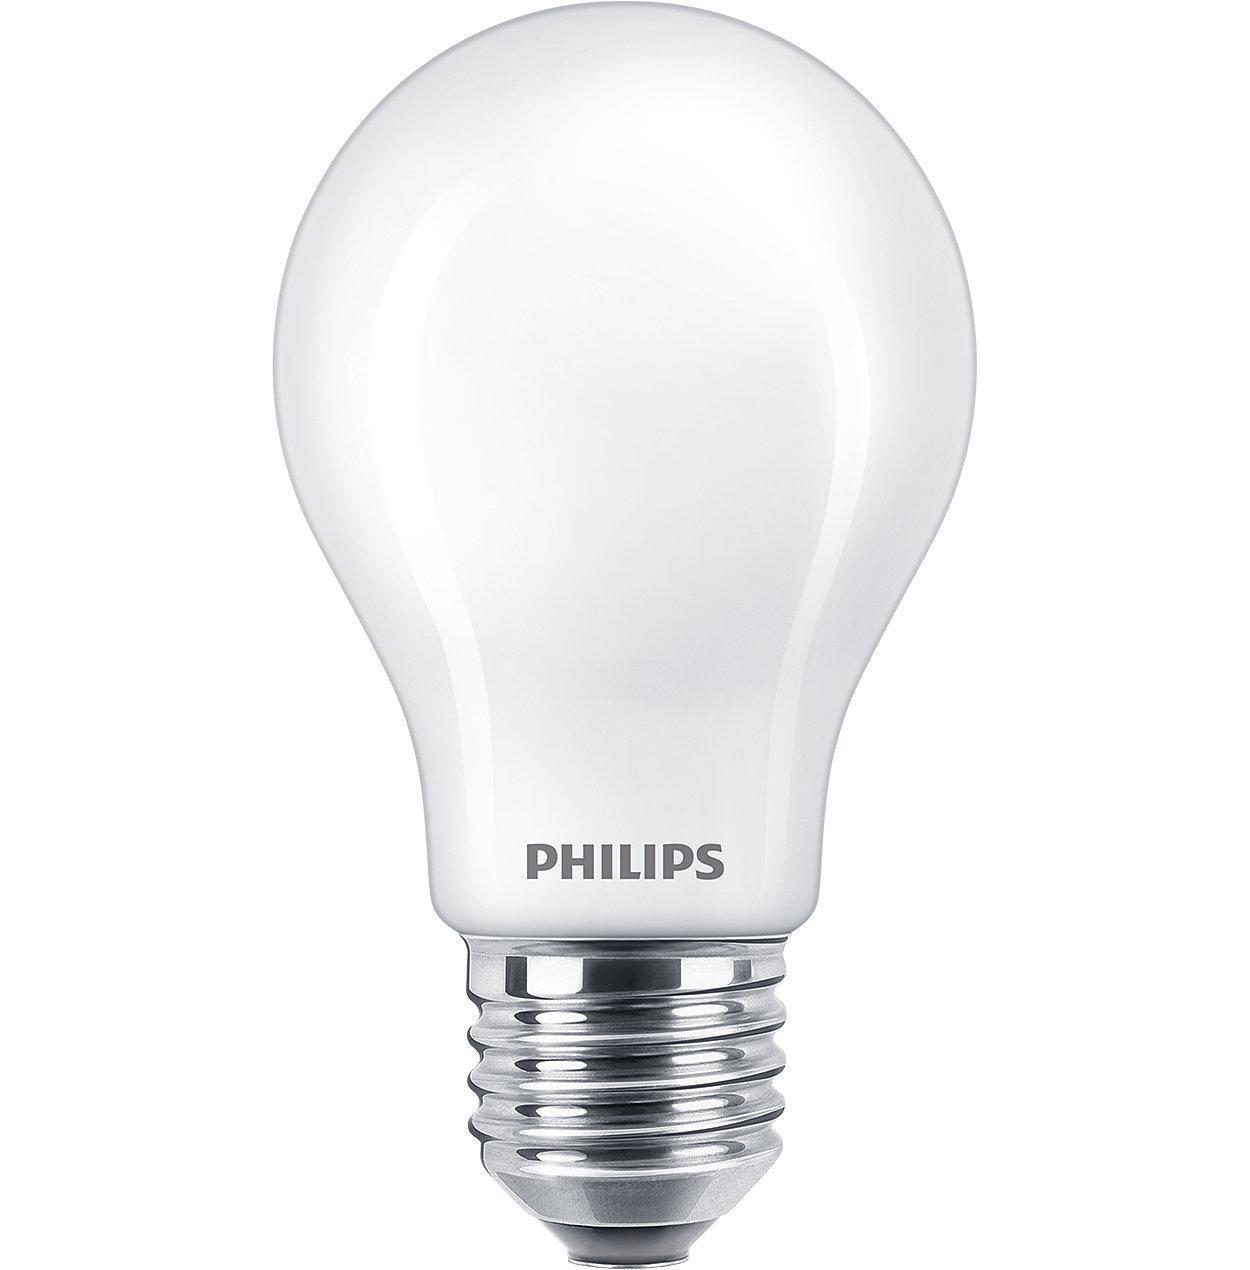 Классический внешний вид лампы накаливания в светодиодном форм-факторе